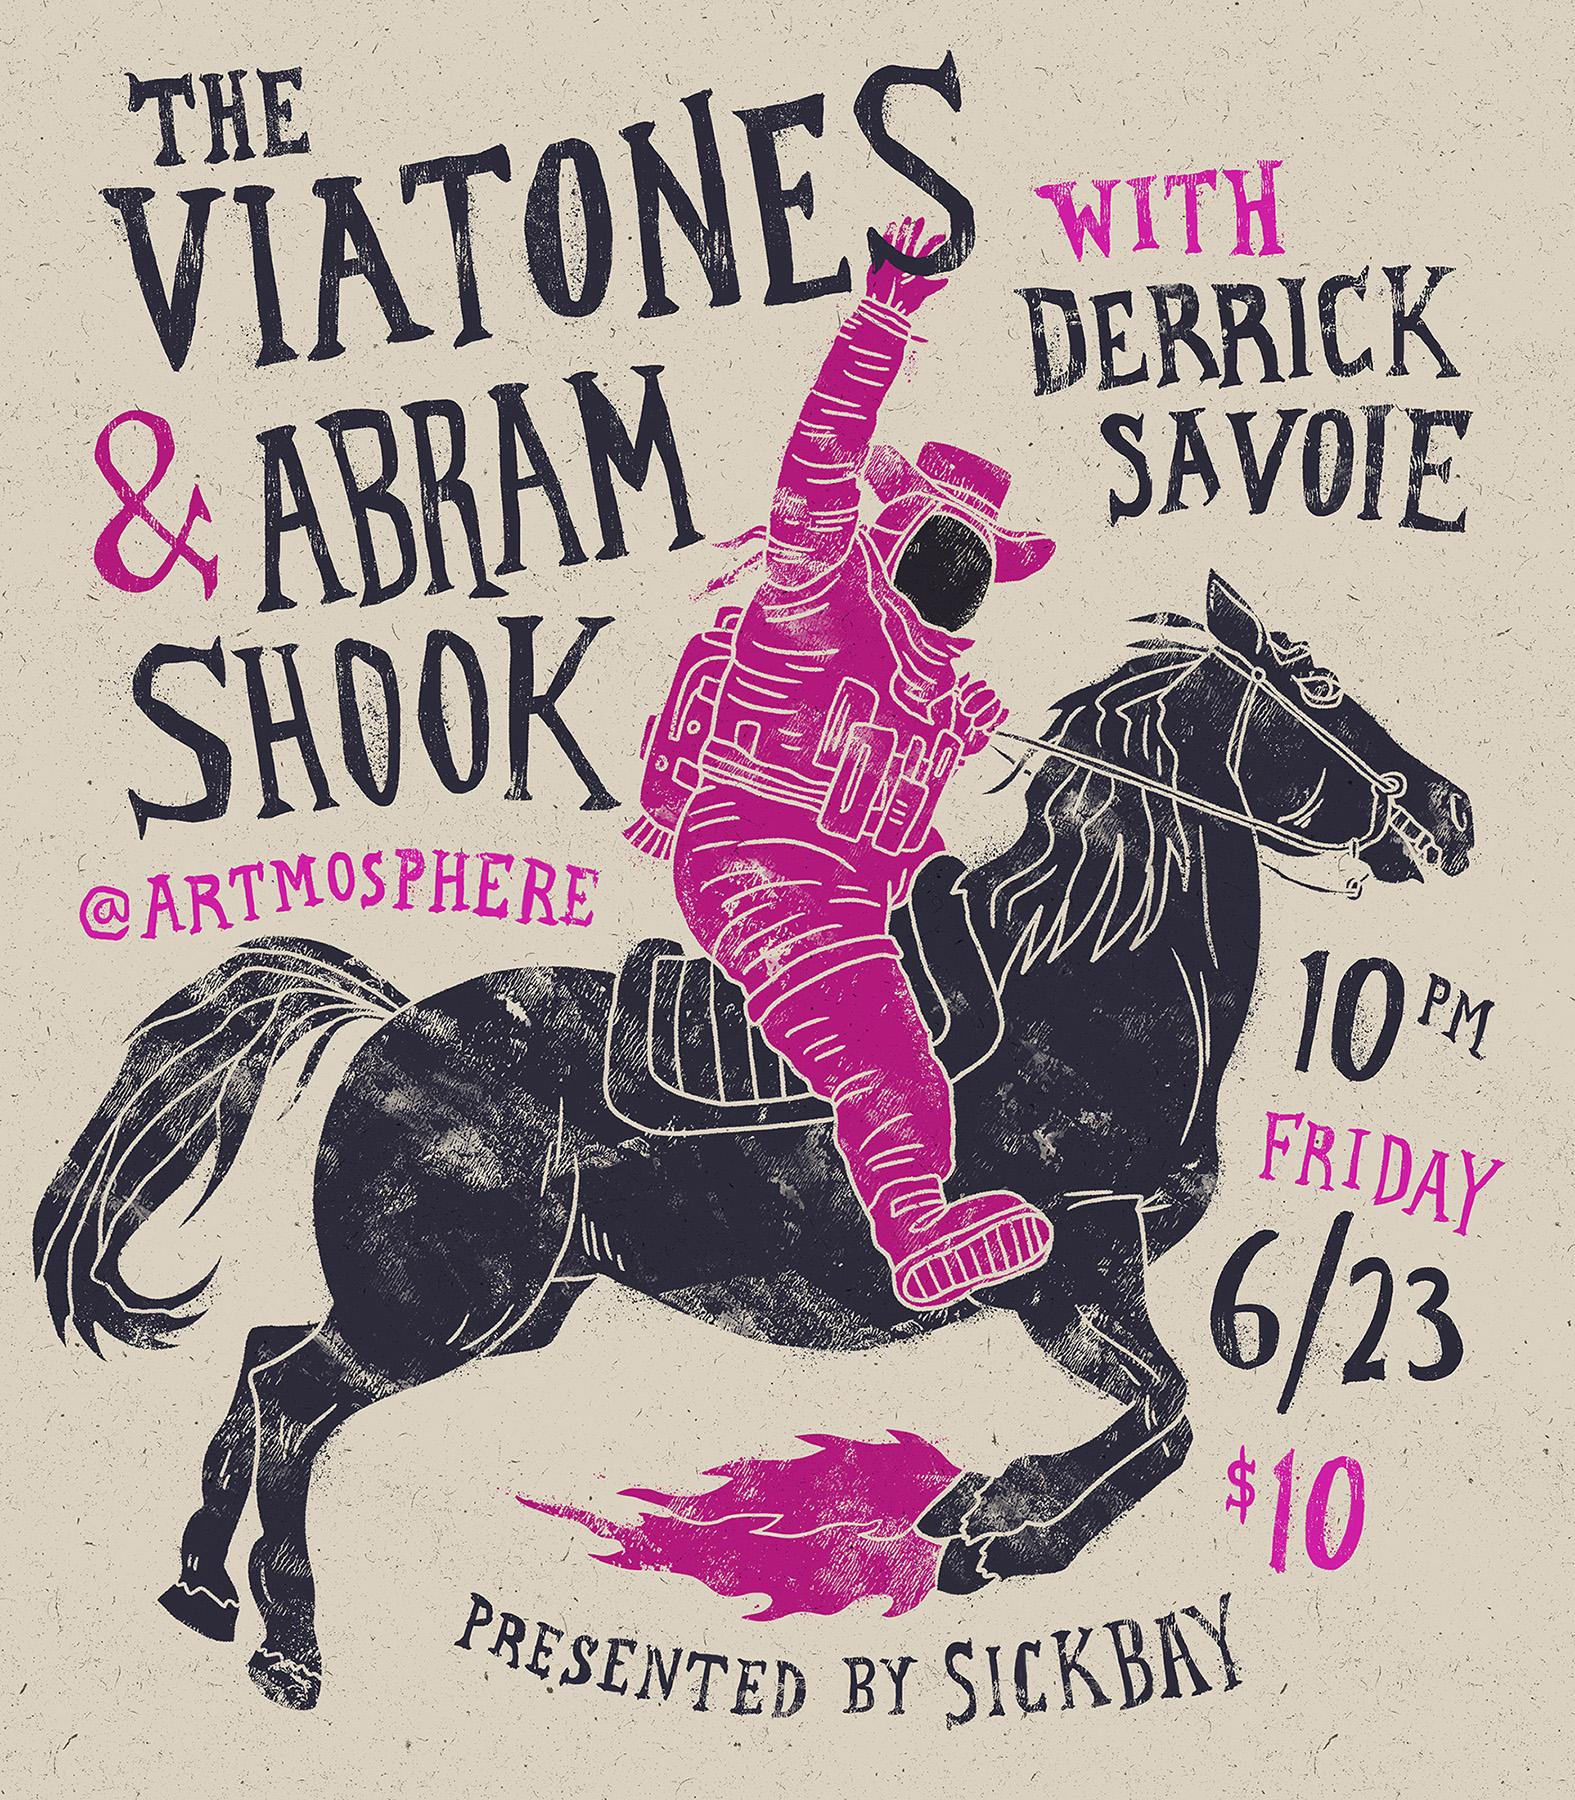 The Viatones & Abram Shook